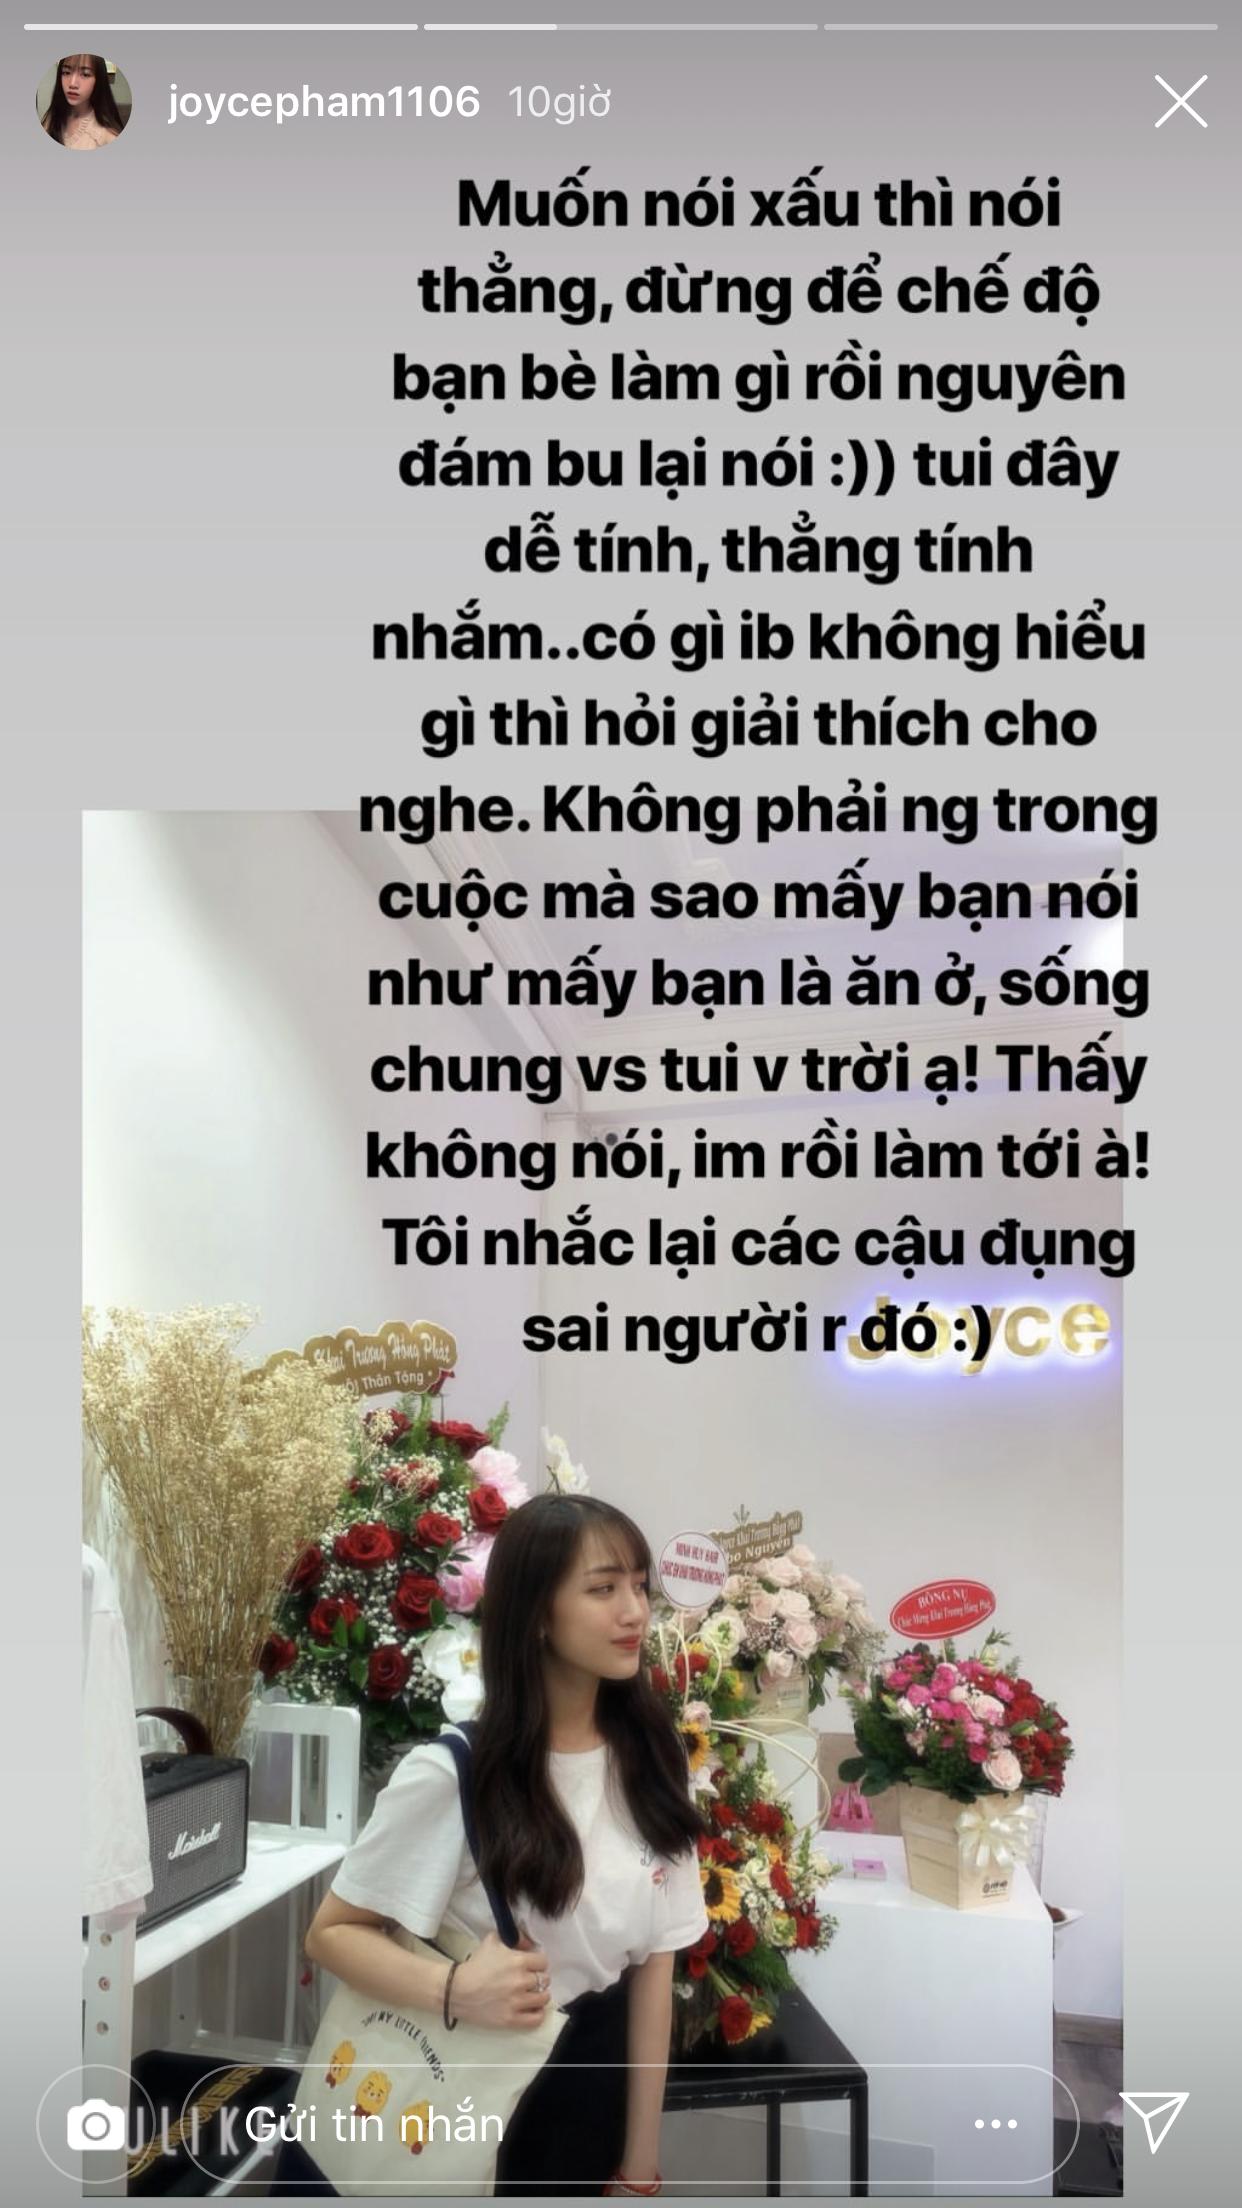 Con gái đại gia Minh Nhựa vừa hot trên Instagram đã bị người yêu cũ lập hội nói xấu? - Ảnh 3.